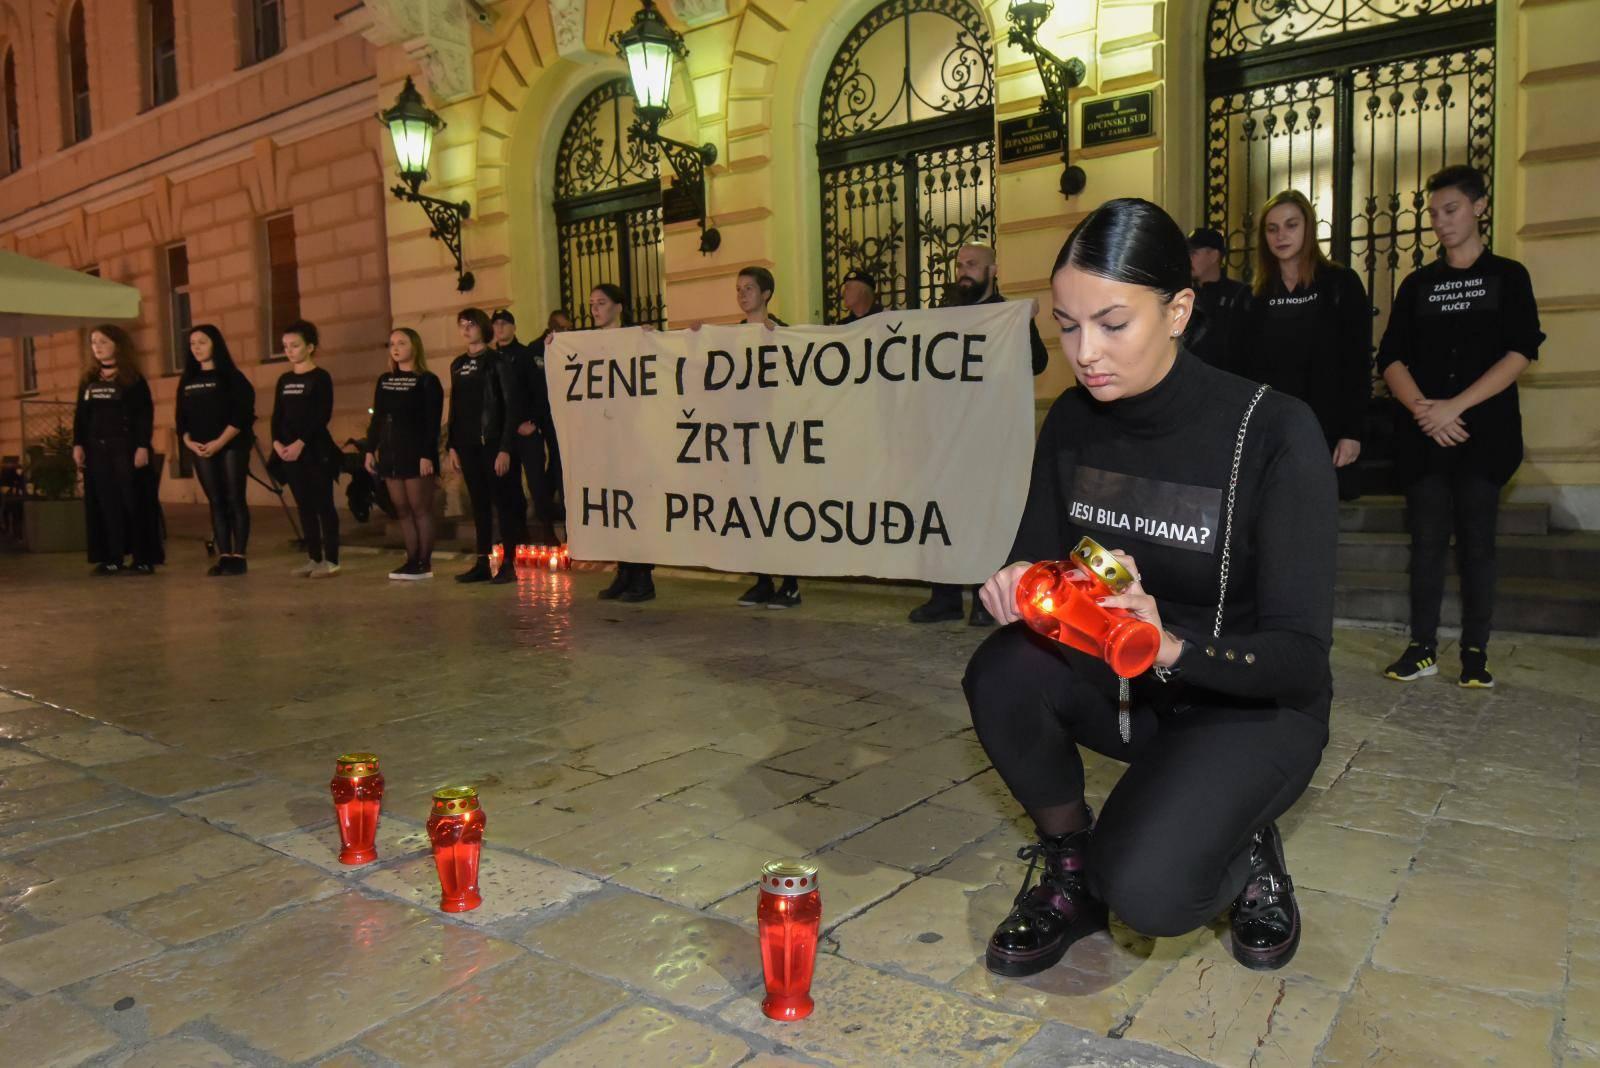 Klub studenata Antifijaka organizirala mirni prosvijed ispred Županijskog suda u Zadru